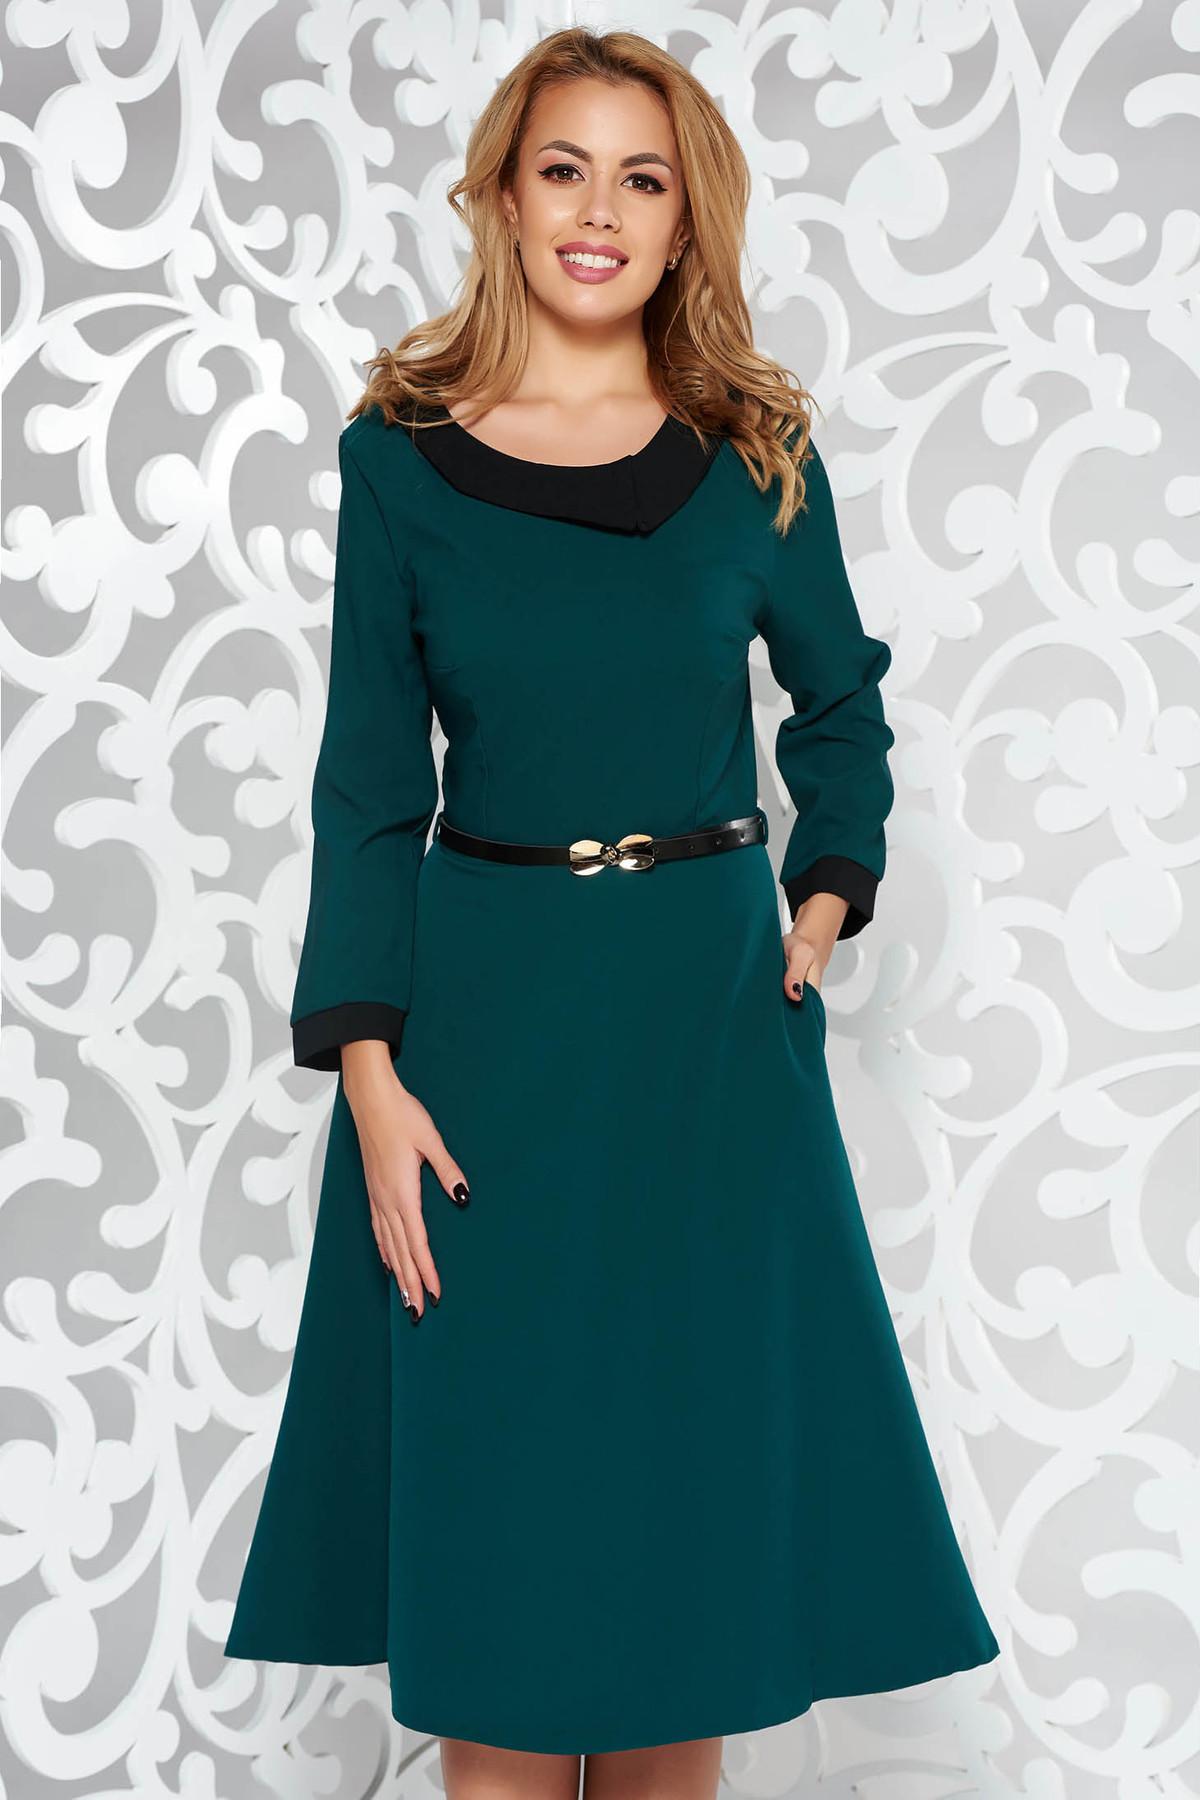 Rochie verde-inchis eleganta in clos din stofa subtire usor elastica cu accesoriu tip curea